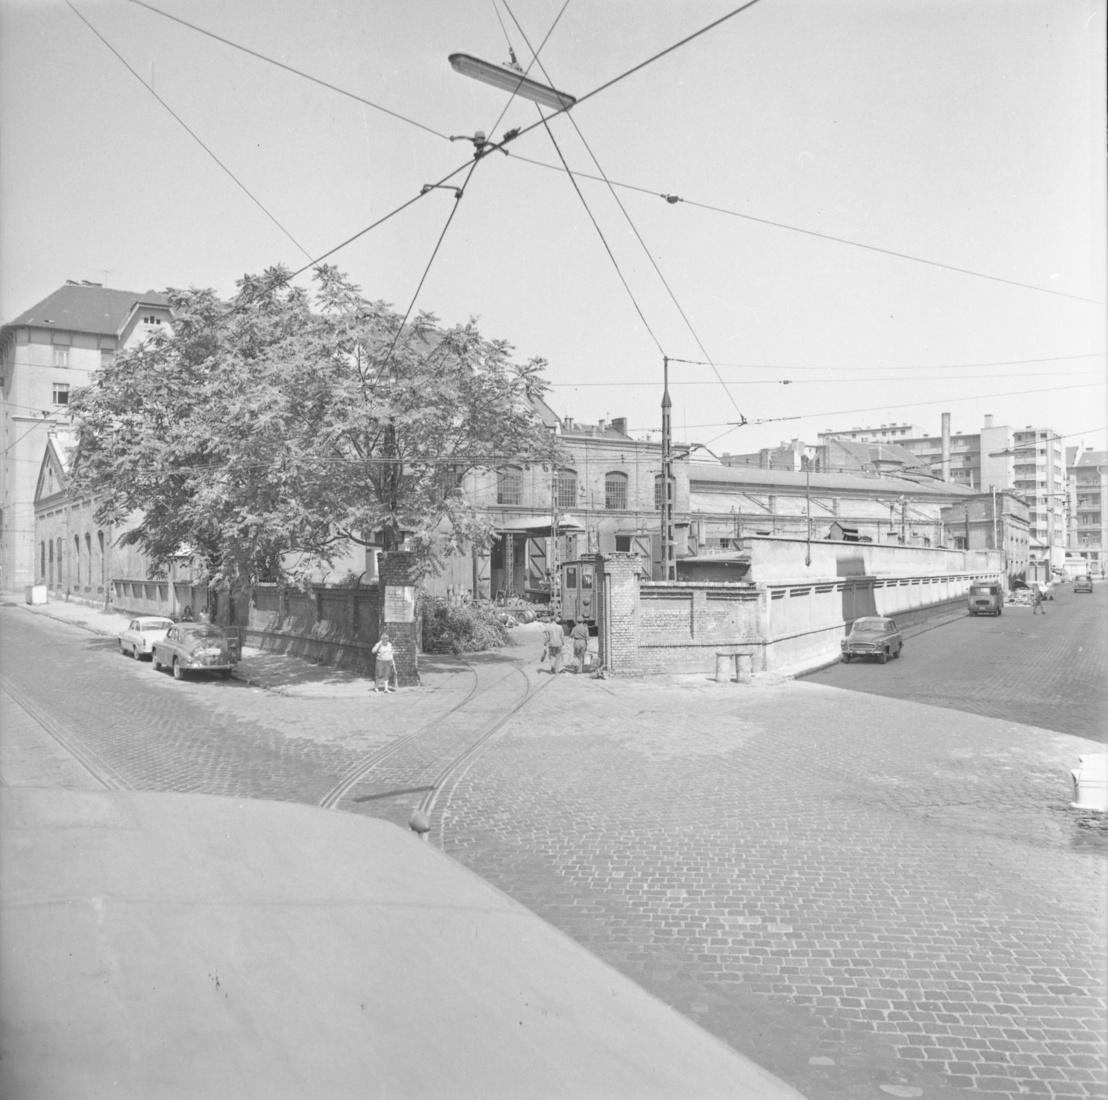 Az egykori főműhely a Fekete Sas utca és a Henger utca sarkáról fotózva